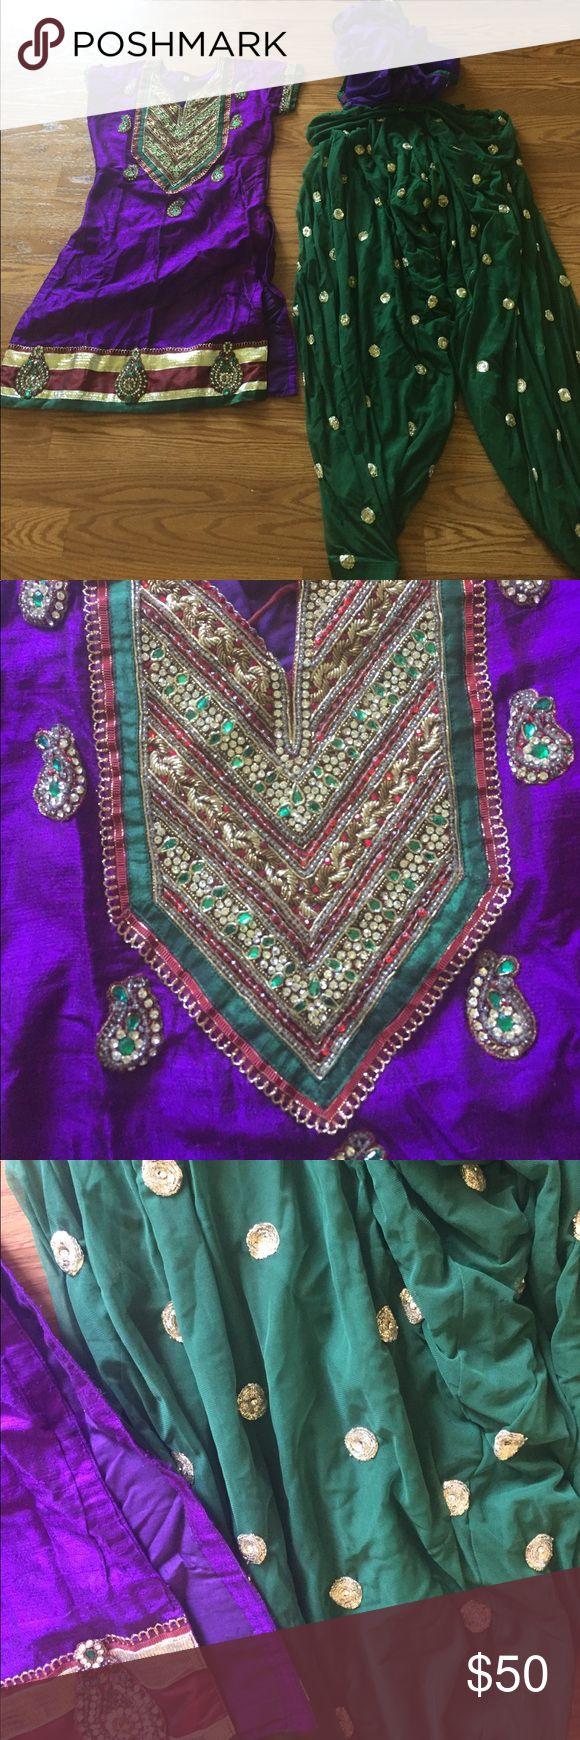 Salwar kameez patiala Indian suit szS Beautiful patiala szS Other